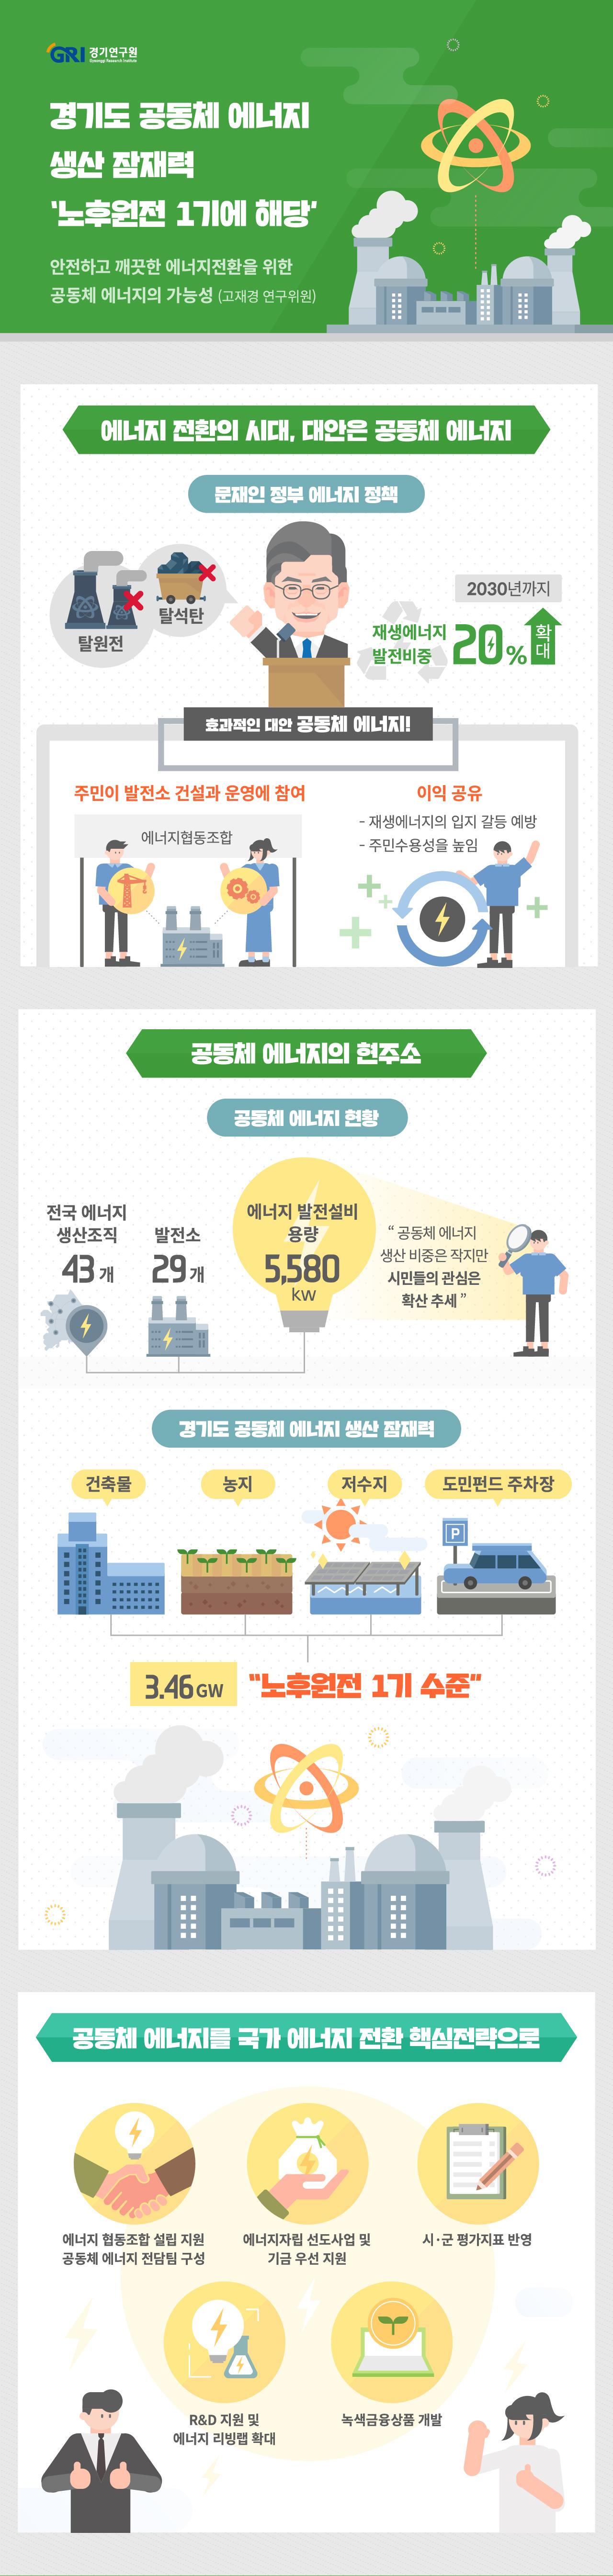 경기도 공동체 에너지 생산 잠재력 '노후원전 1기에 해당'